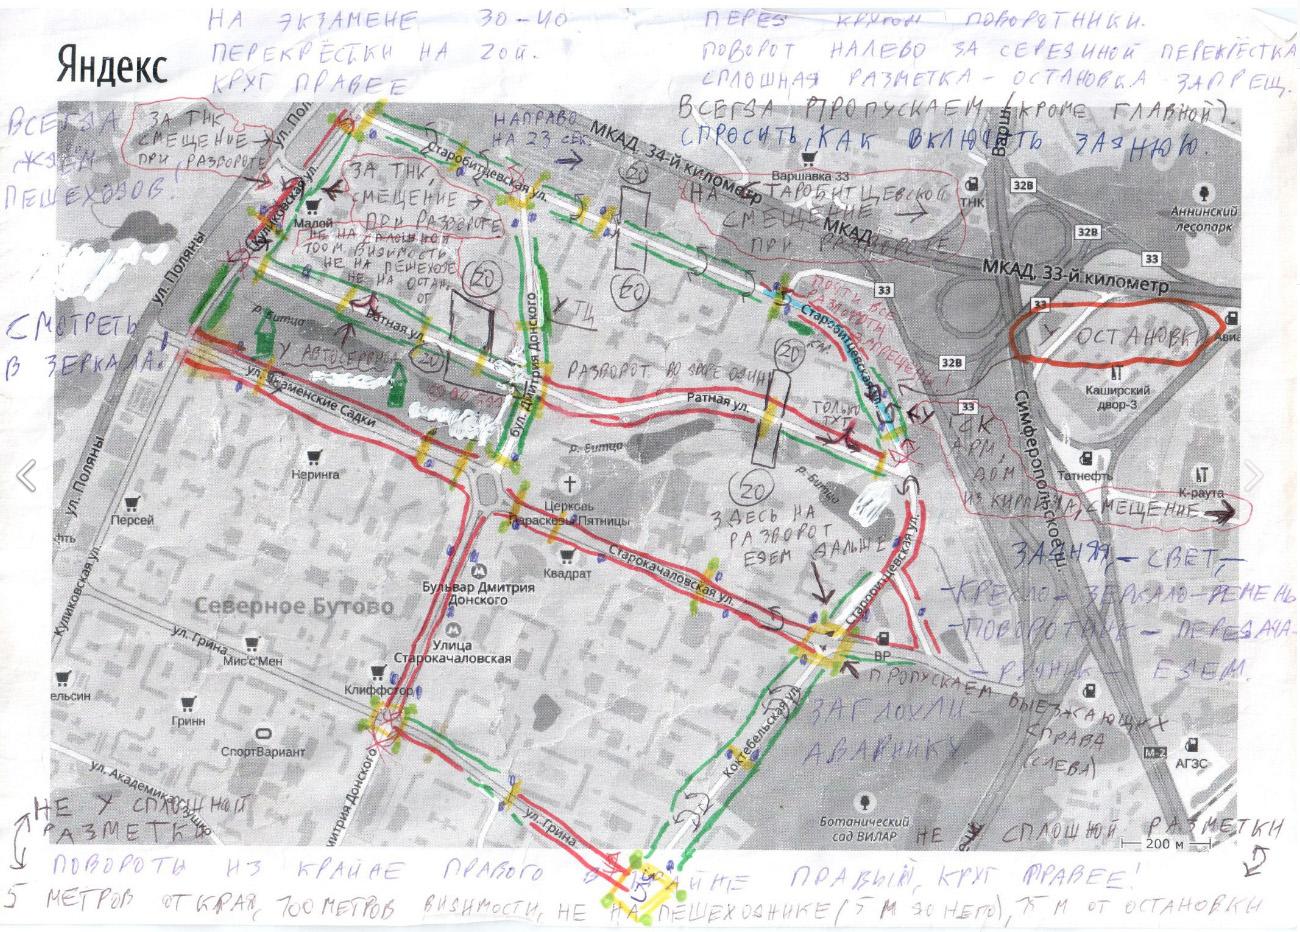 Карта экзаменационного маршрута из группы {«Экзамен ГАИ на Варшавке»}(https://vk.com/club54774938)